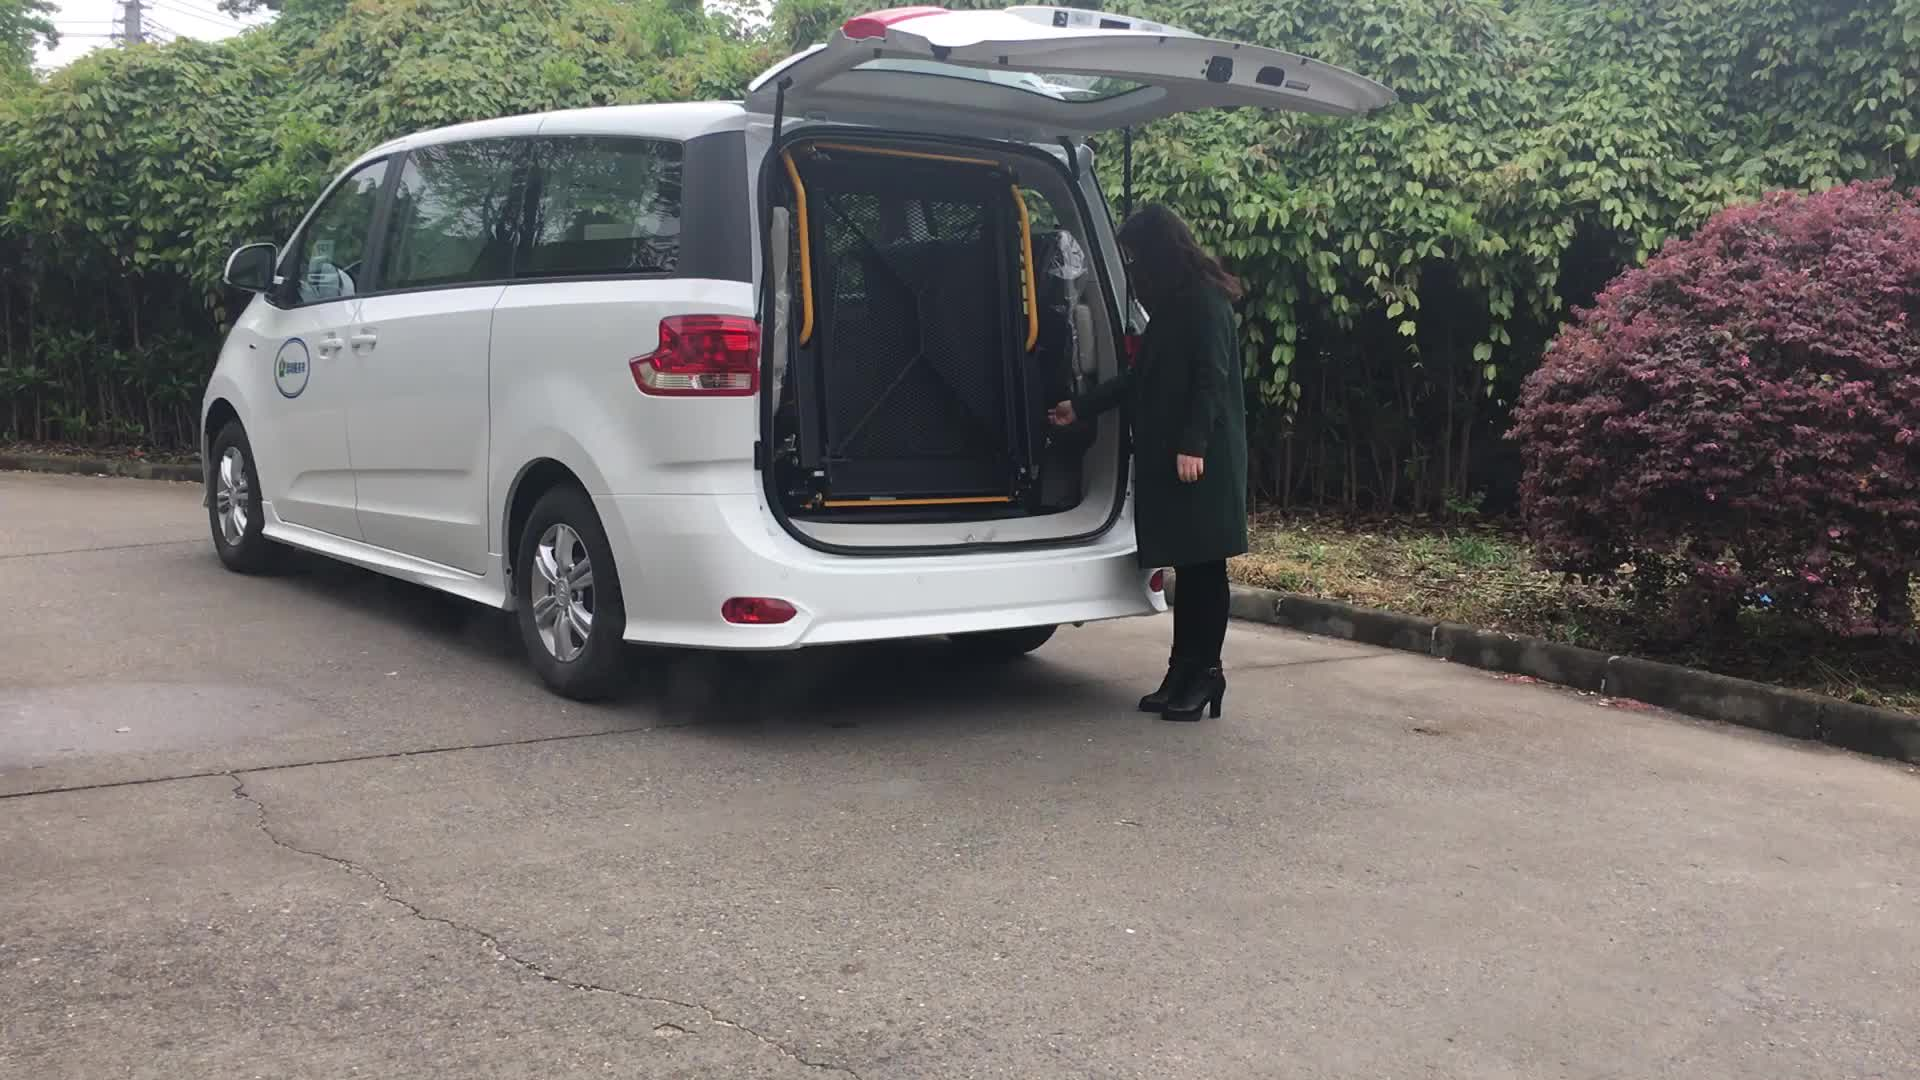 CE Hydraulic Wheelchair Lift for Van and Minivan Rear Door